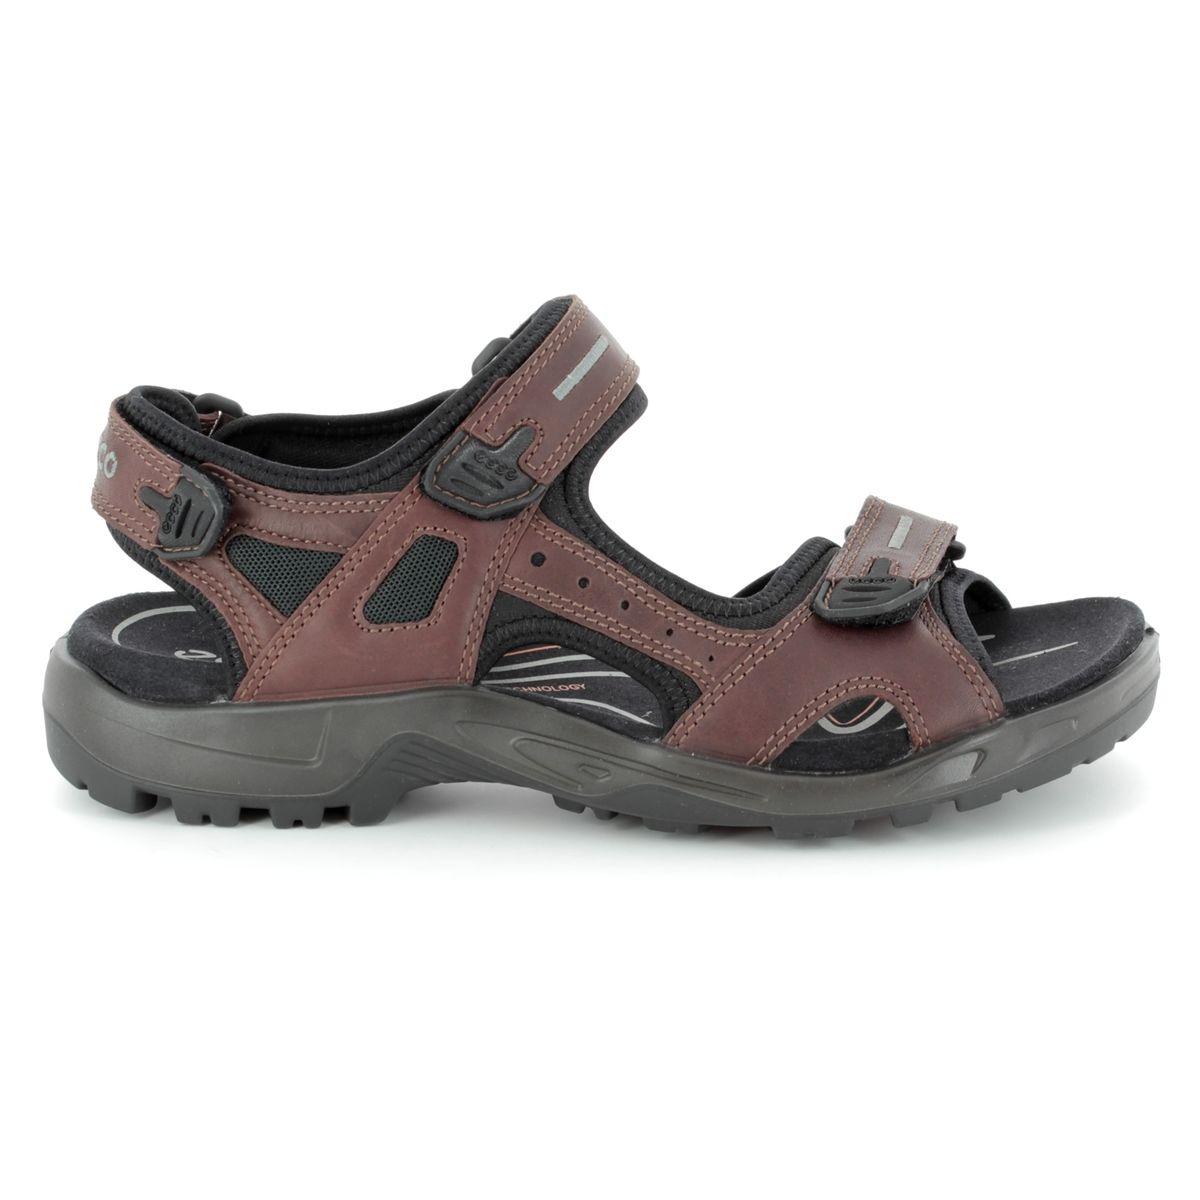 90ac63793d4fe ECCO Sandals - Brown - 822094/01280 OFFROAD YUCATA